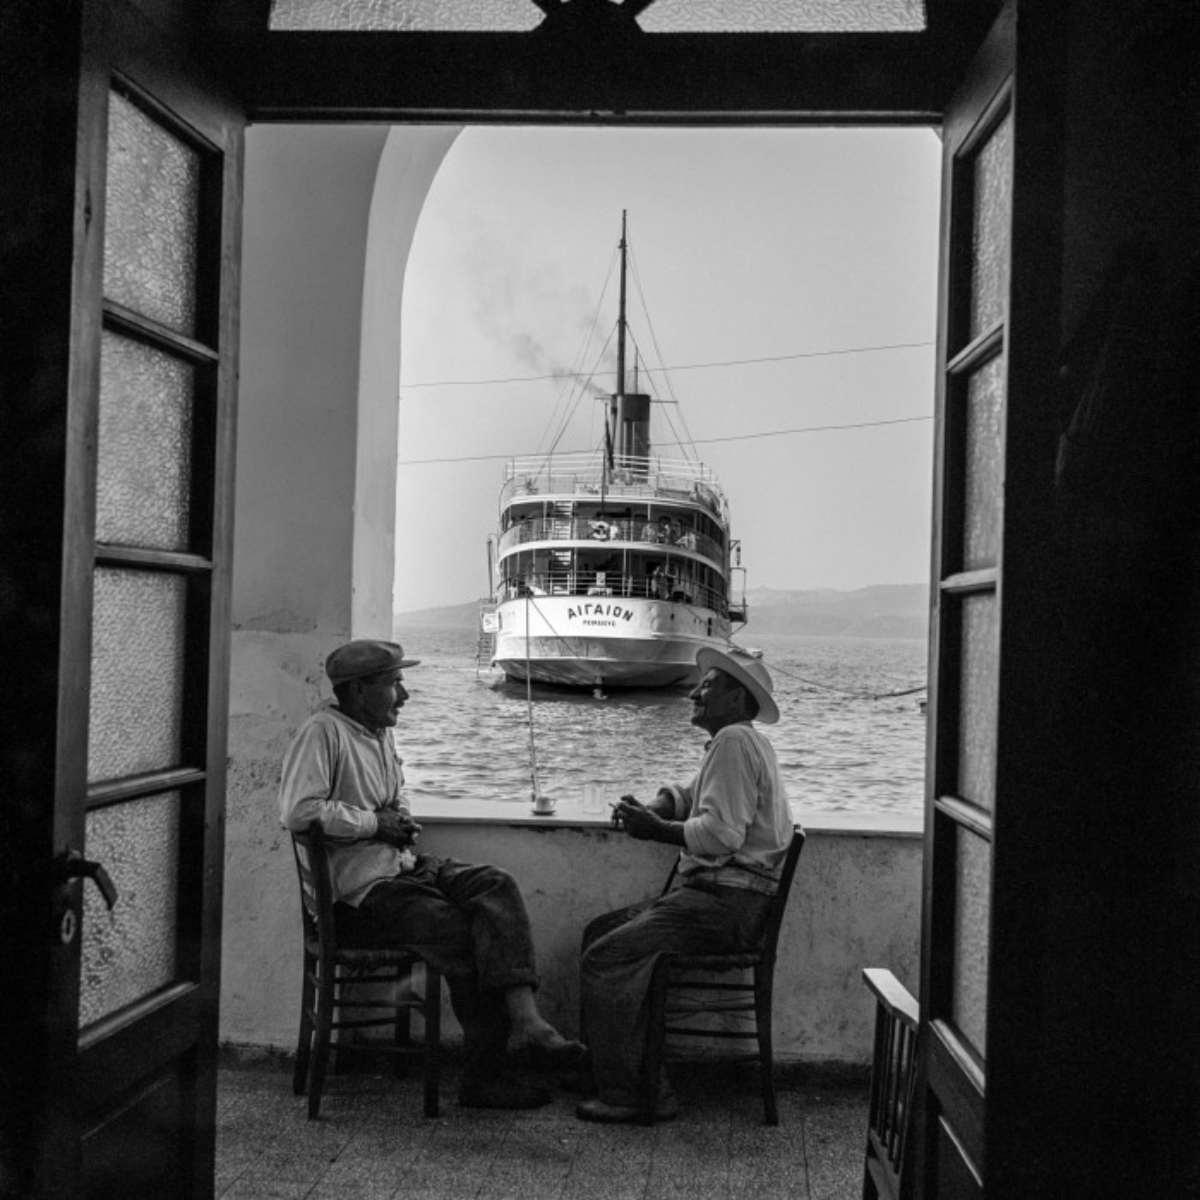 σαντορίνη 1950 πλοίο Αιγαίον Γιαλός